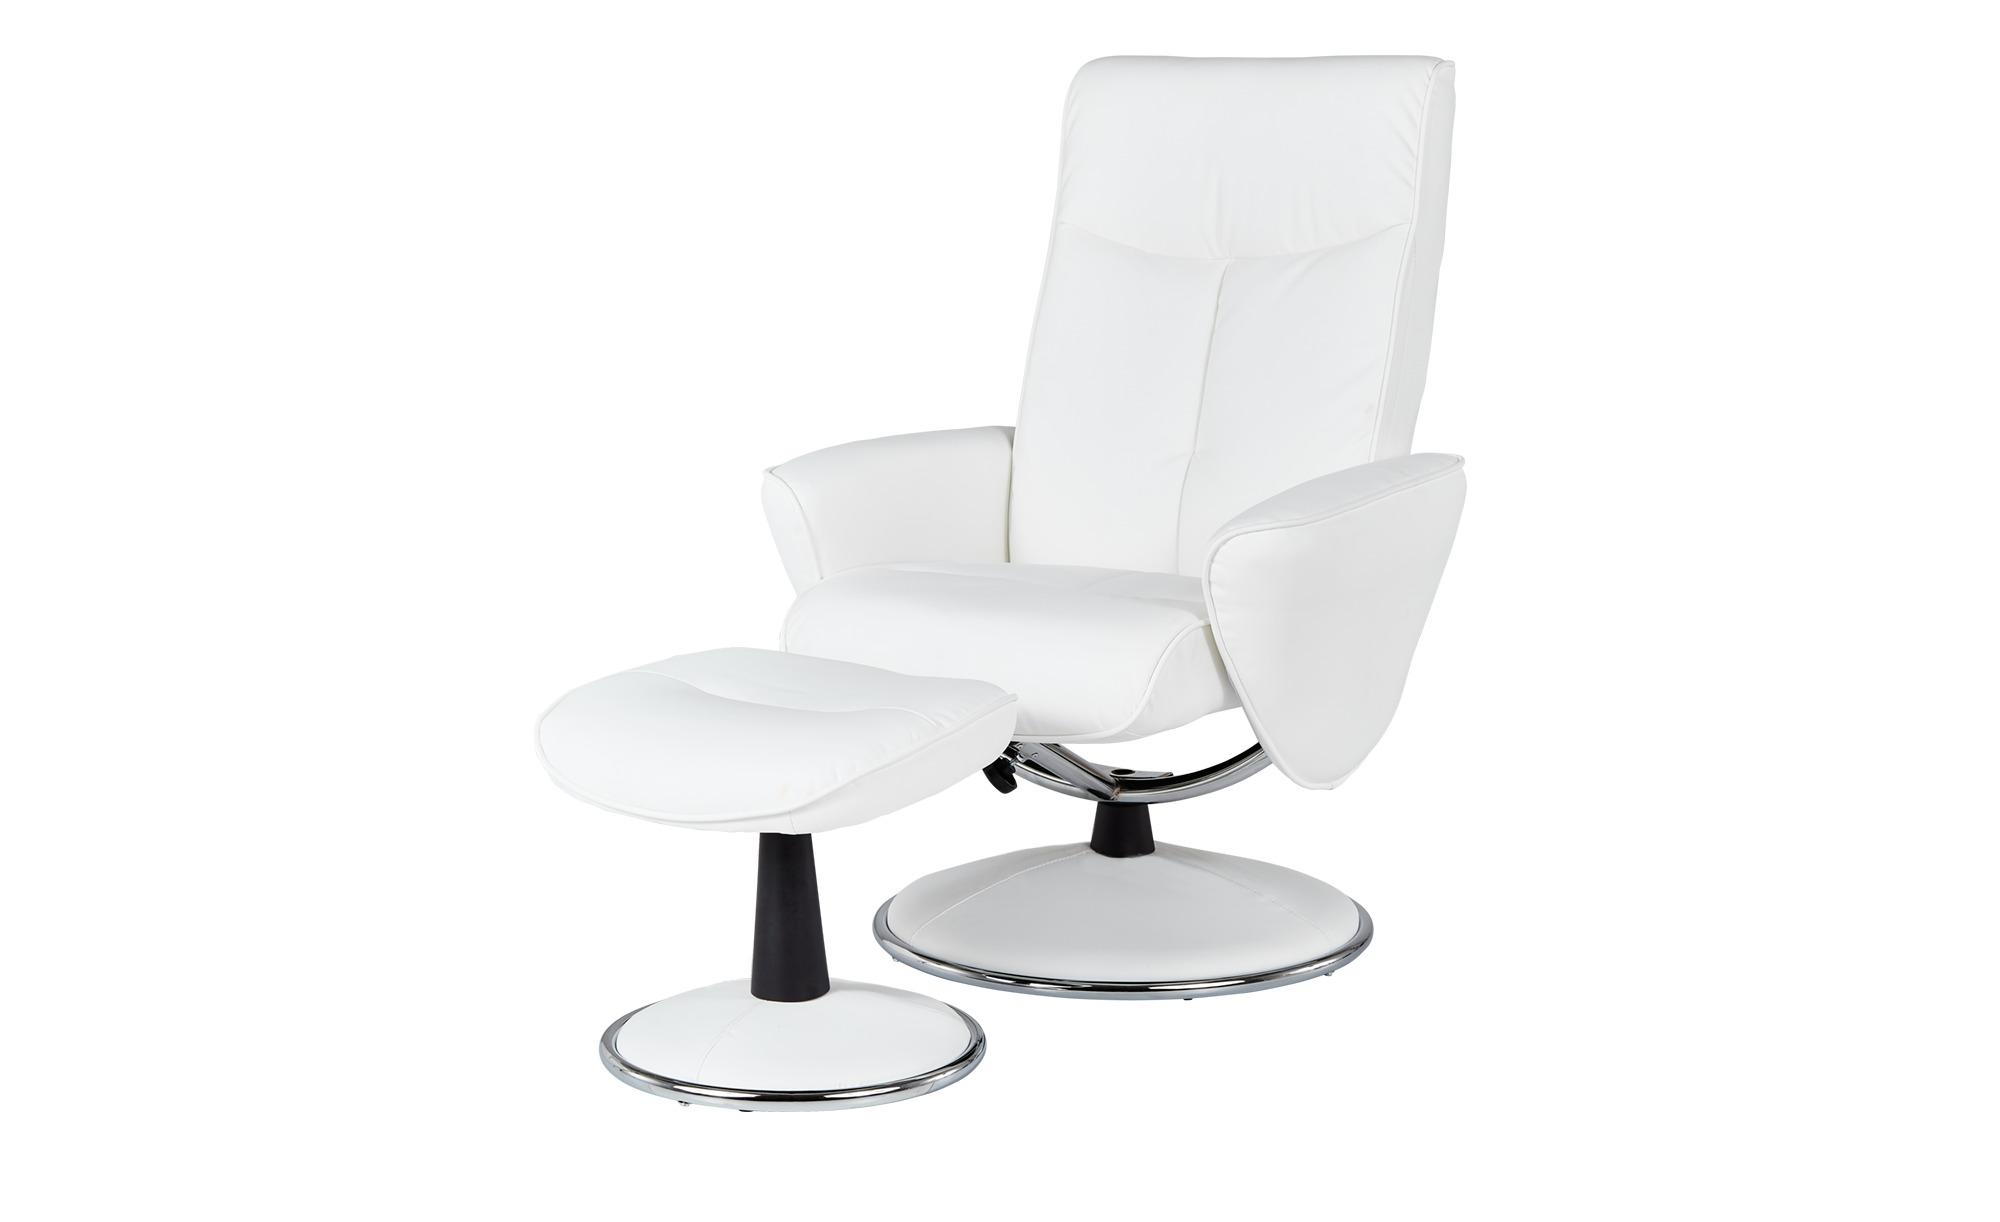 Fernsehsessel mit Hocker - weiß - 82 cm - 104,5 cm - 110 cm - Polstermöbel > Sessel > Fernsehsessel - Möbel Kraft | Wohnzimmer > Sessel > Fernsehsessel | Weiß | Sconto